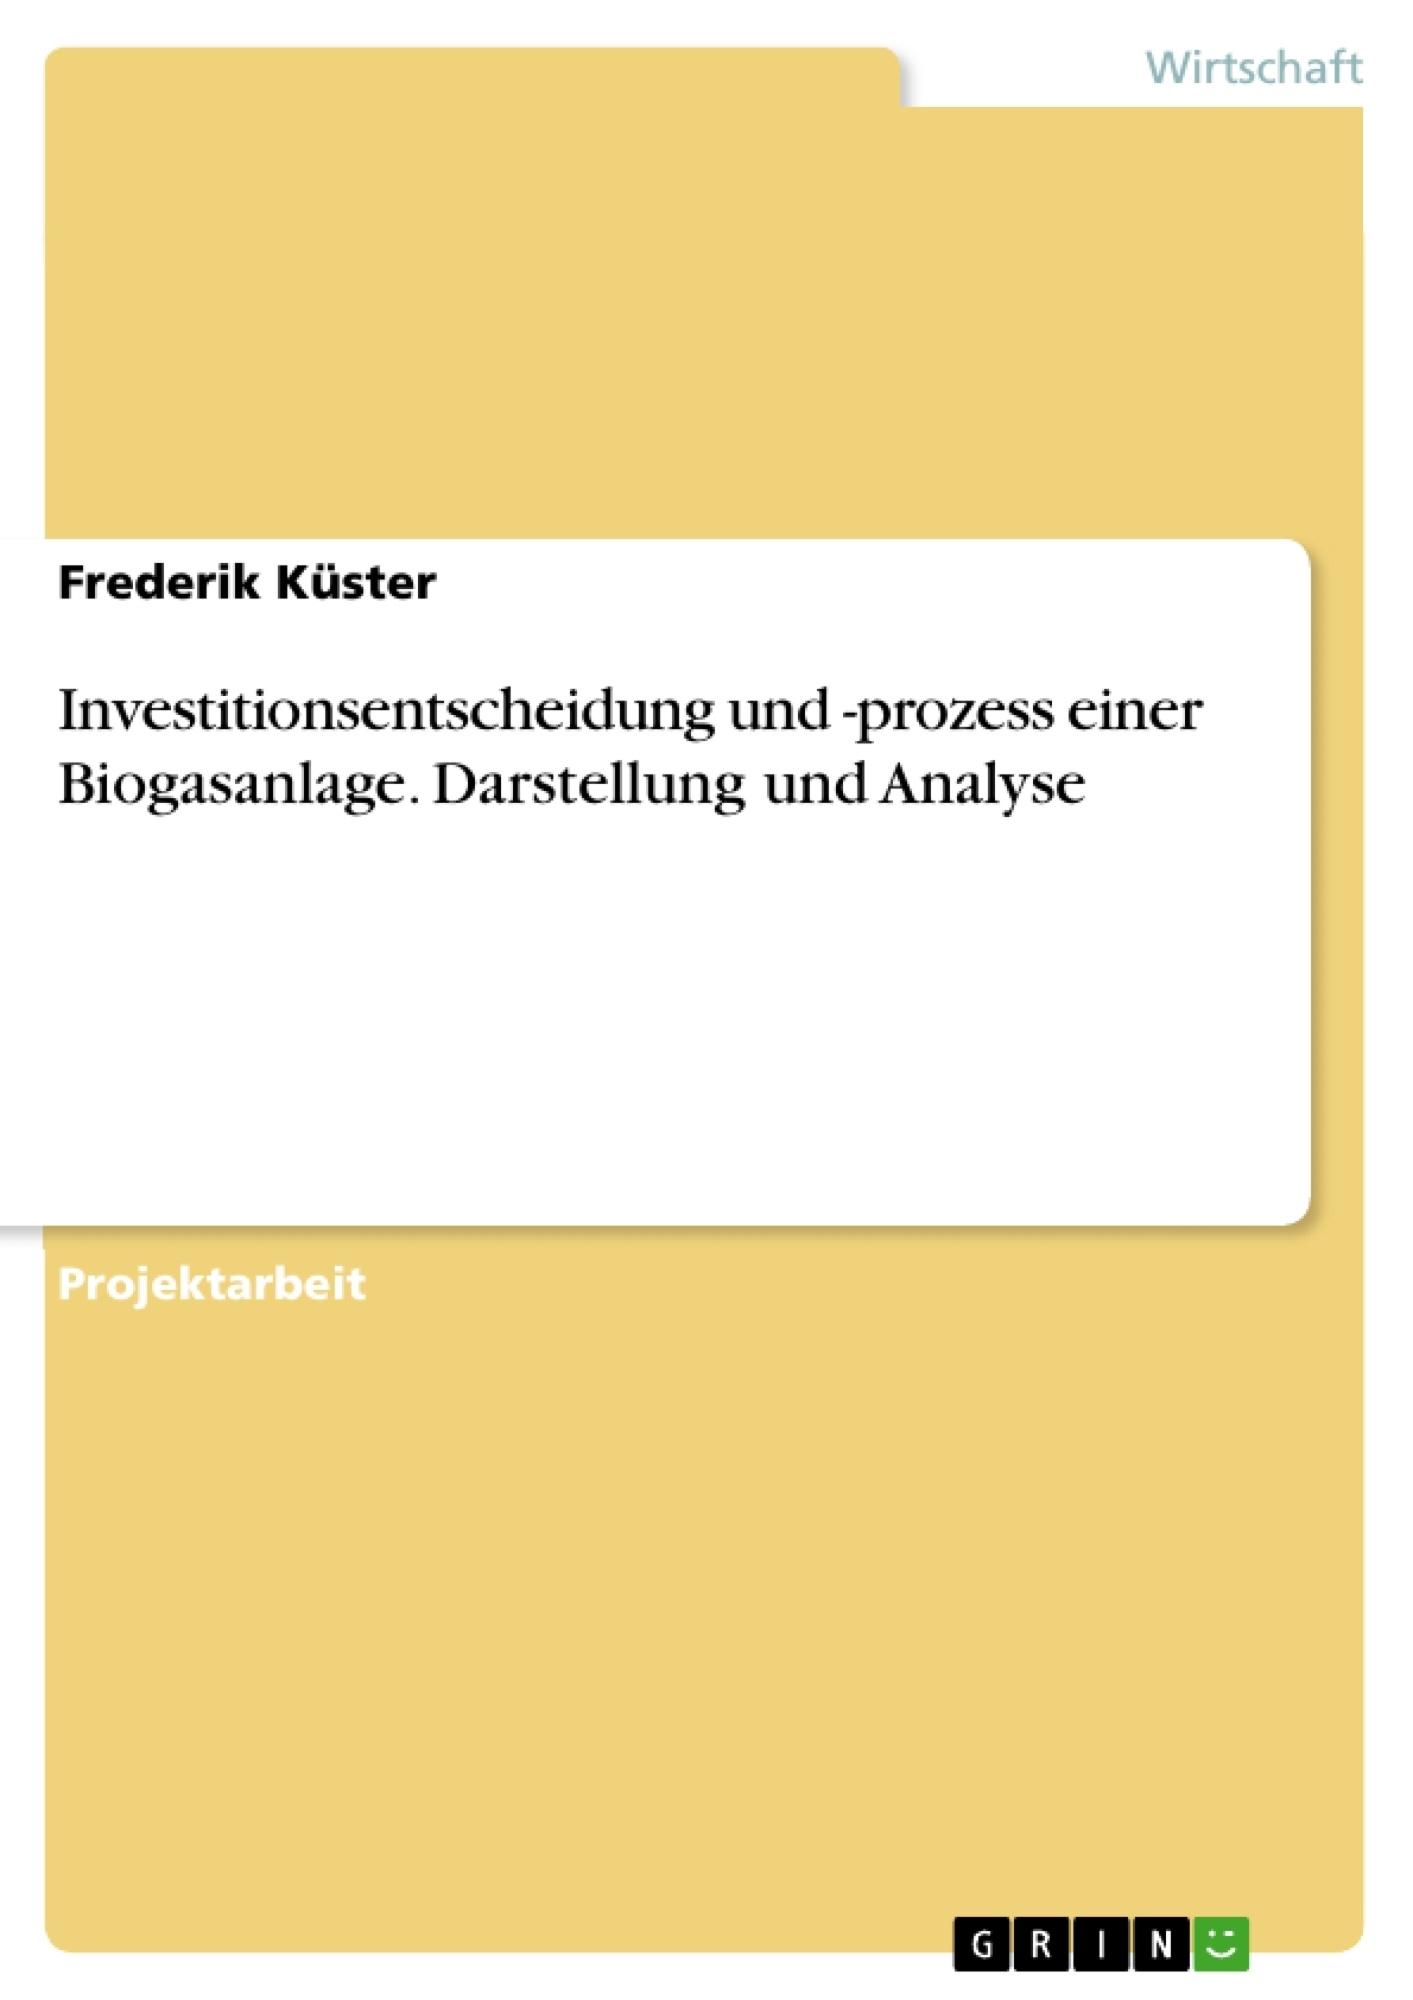 Titel: Investitionsentscheidung und -prozess einer Biogasanlage. Darstellung und Analyse